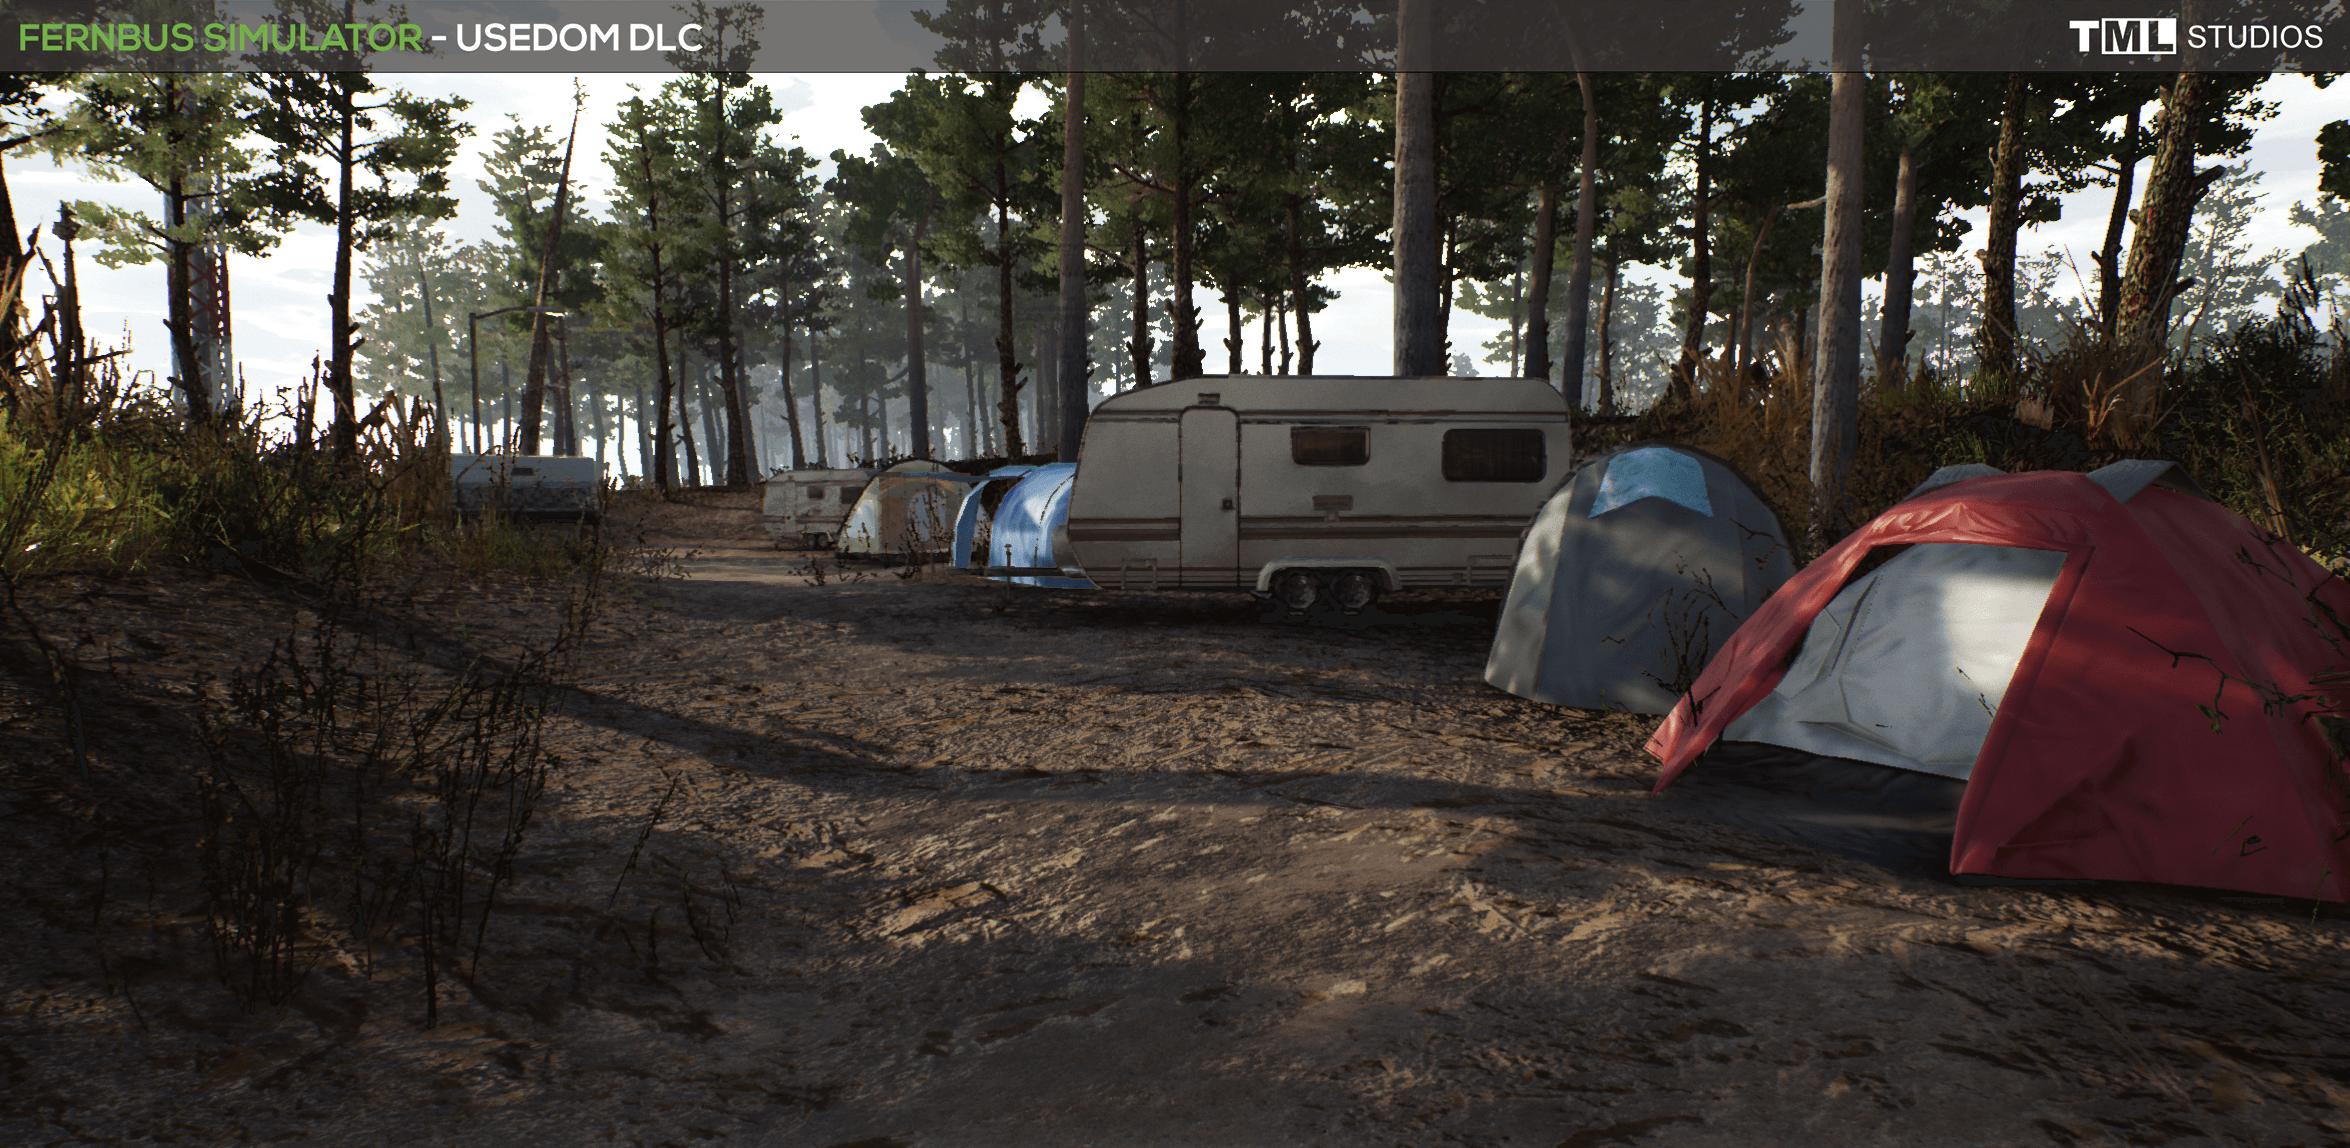 Какое будущее ждёт игру Fernbus Simulator